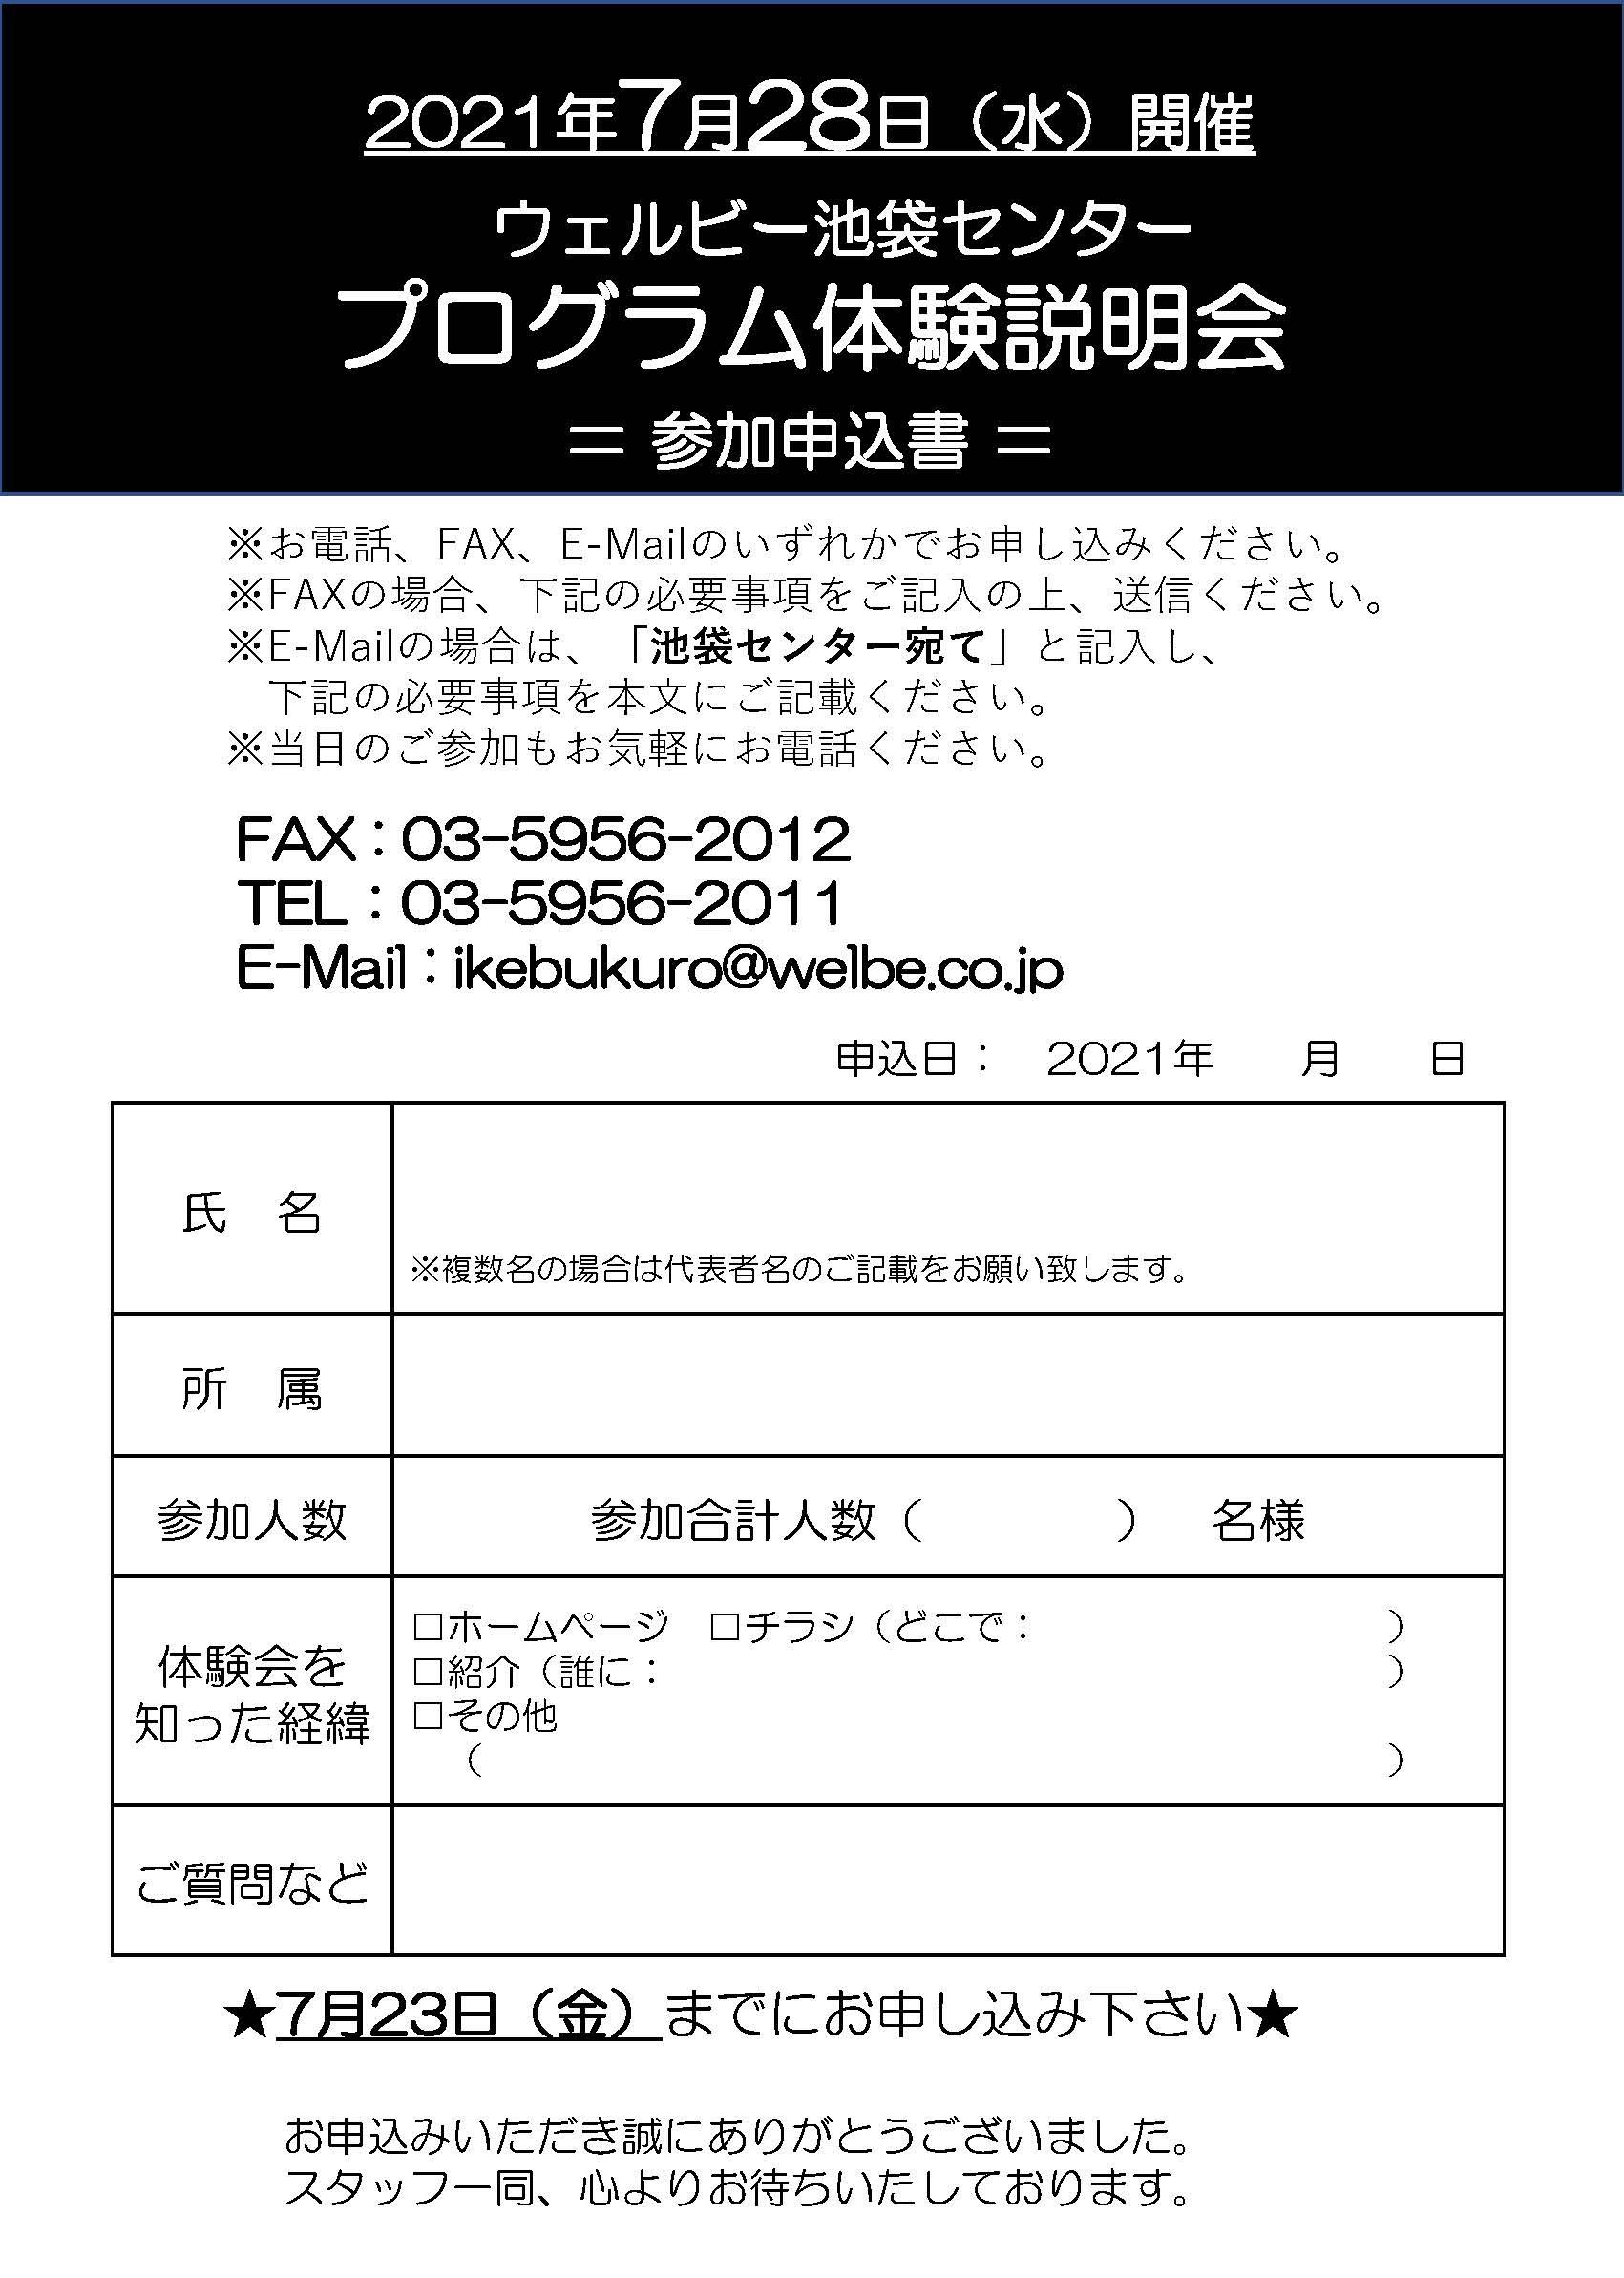 【池袋】プログラム体験会20210728修正-2_ページ_2